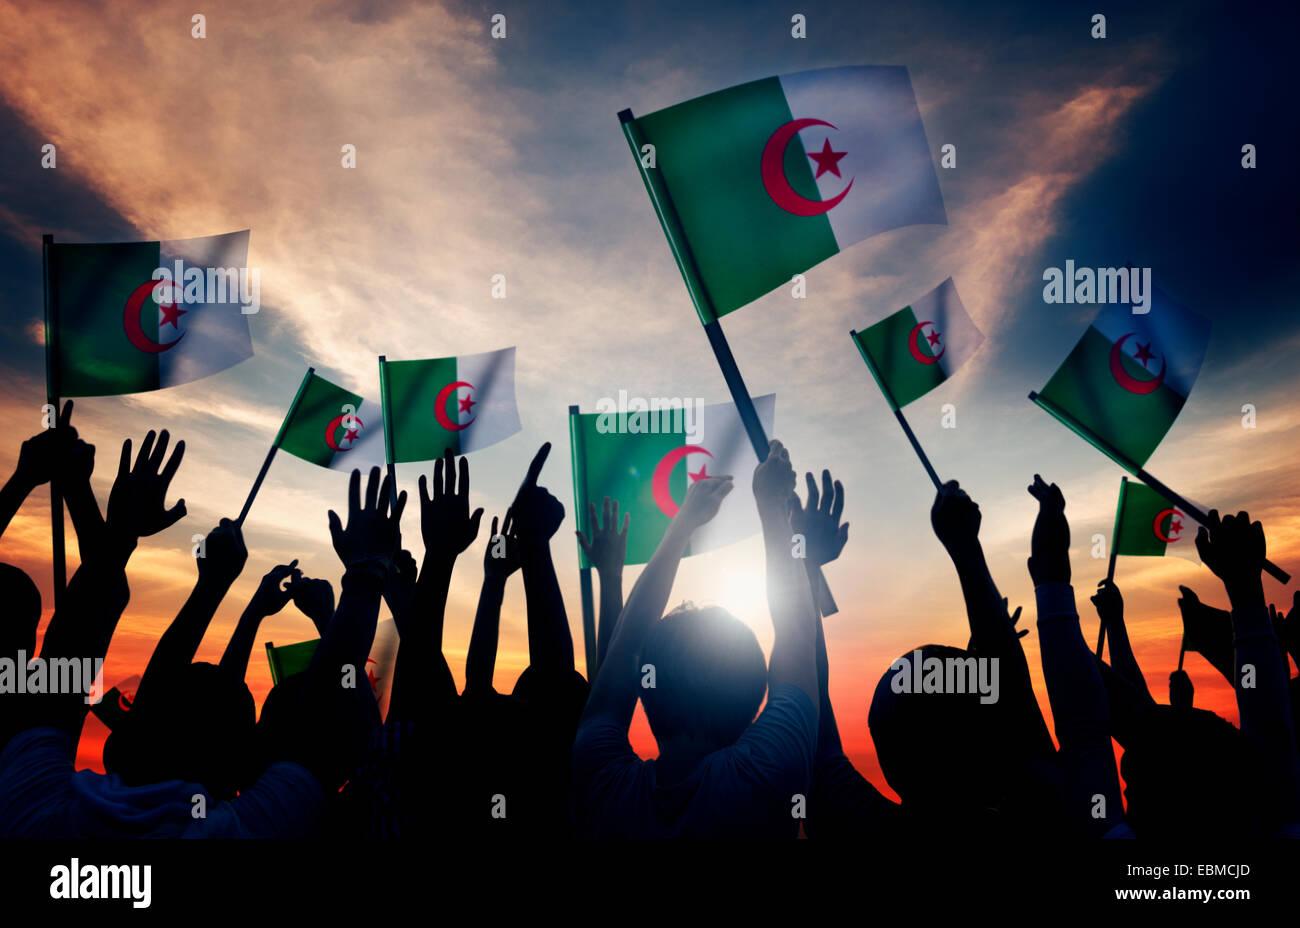 Silhouettes de gens tenant un drapeau de l'Algérie Photo Stock